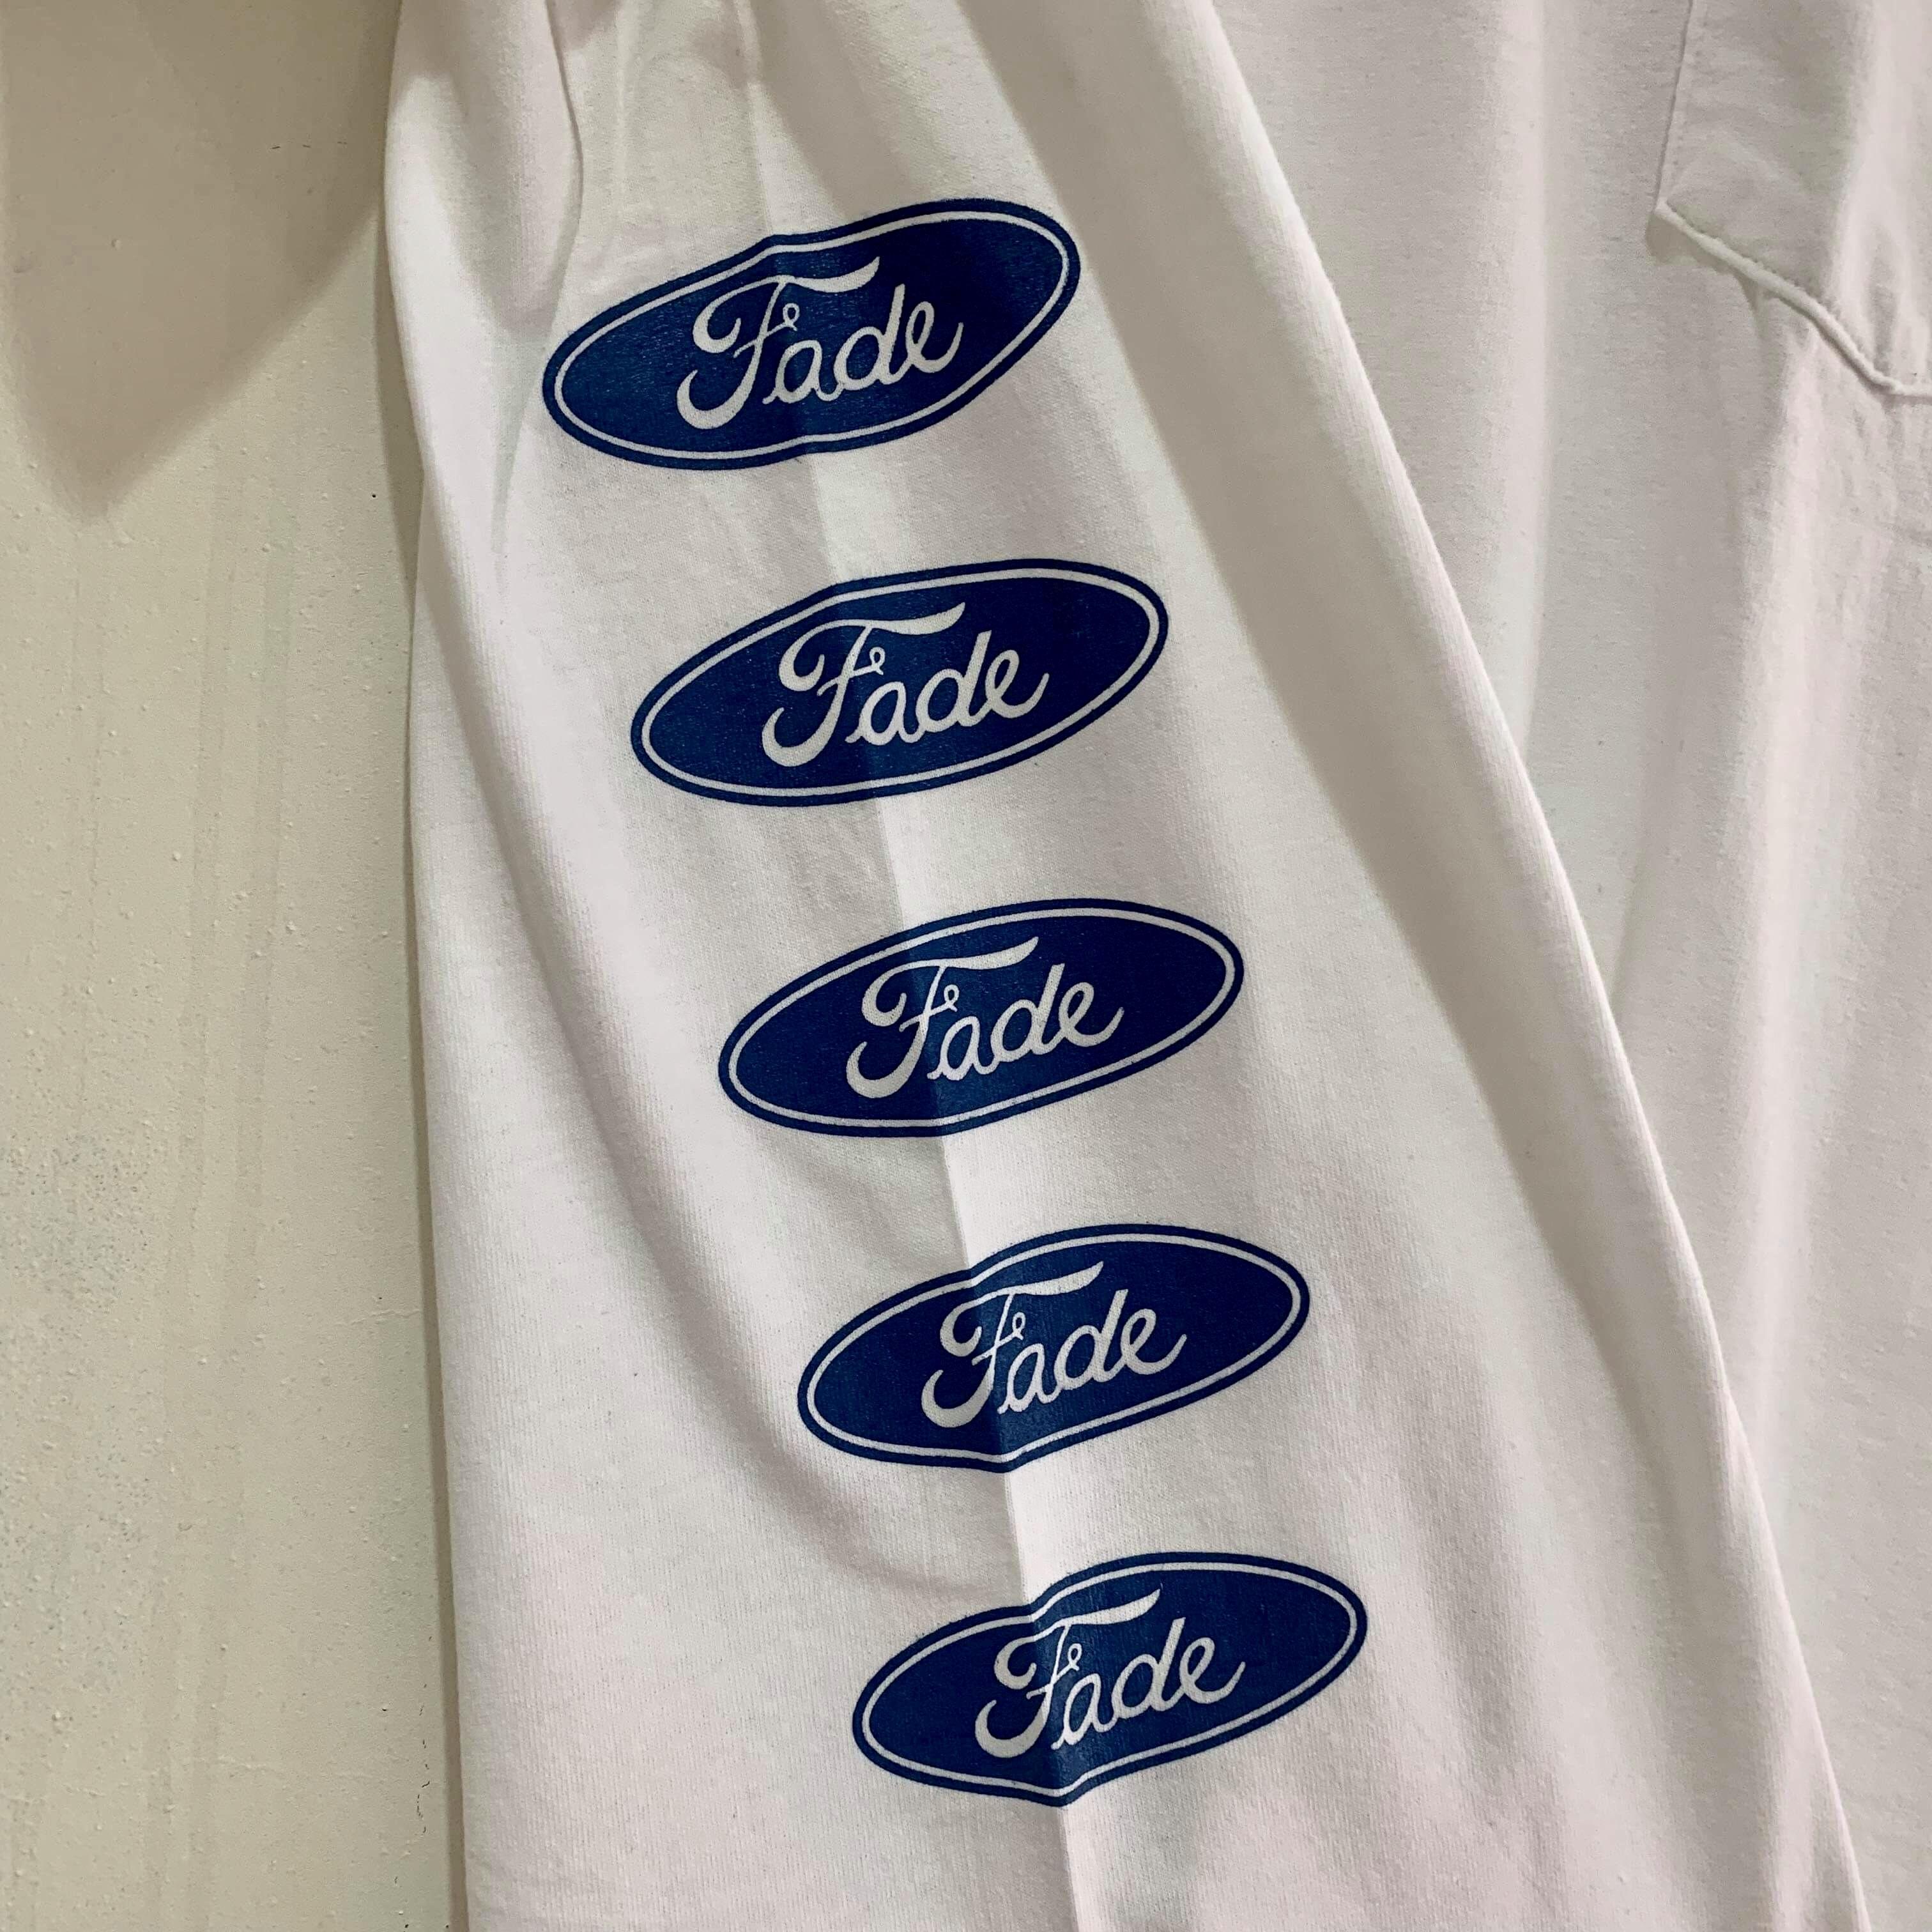 Fade ポケットTシャツ缶バッジ付 ホワイトx青ロゴx脇腹プリント